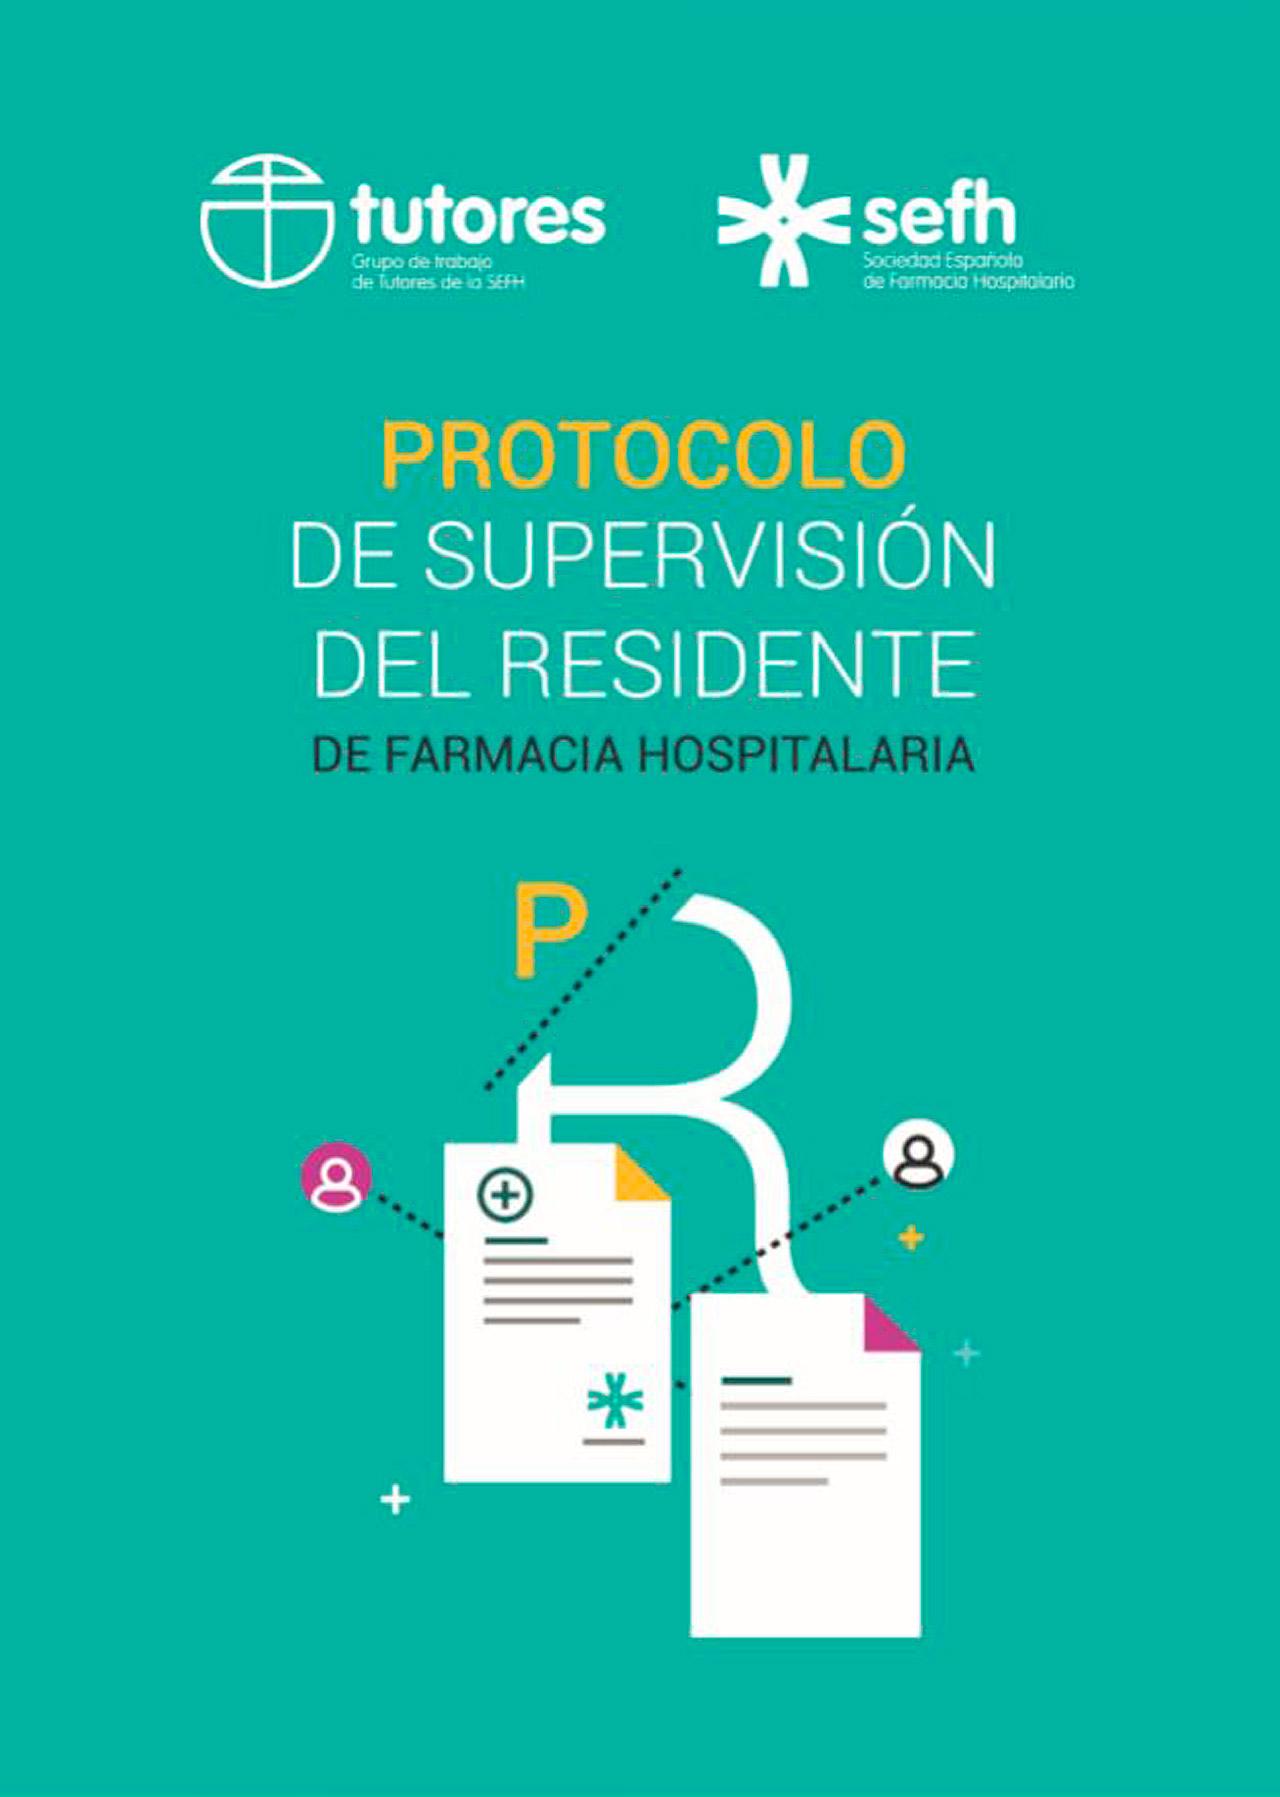 Portada del 'Protocolo de supervisión del residente de Farmacia Hospitalaria'.